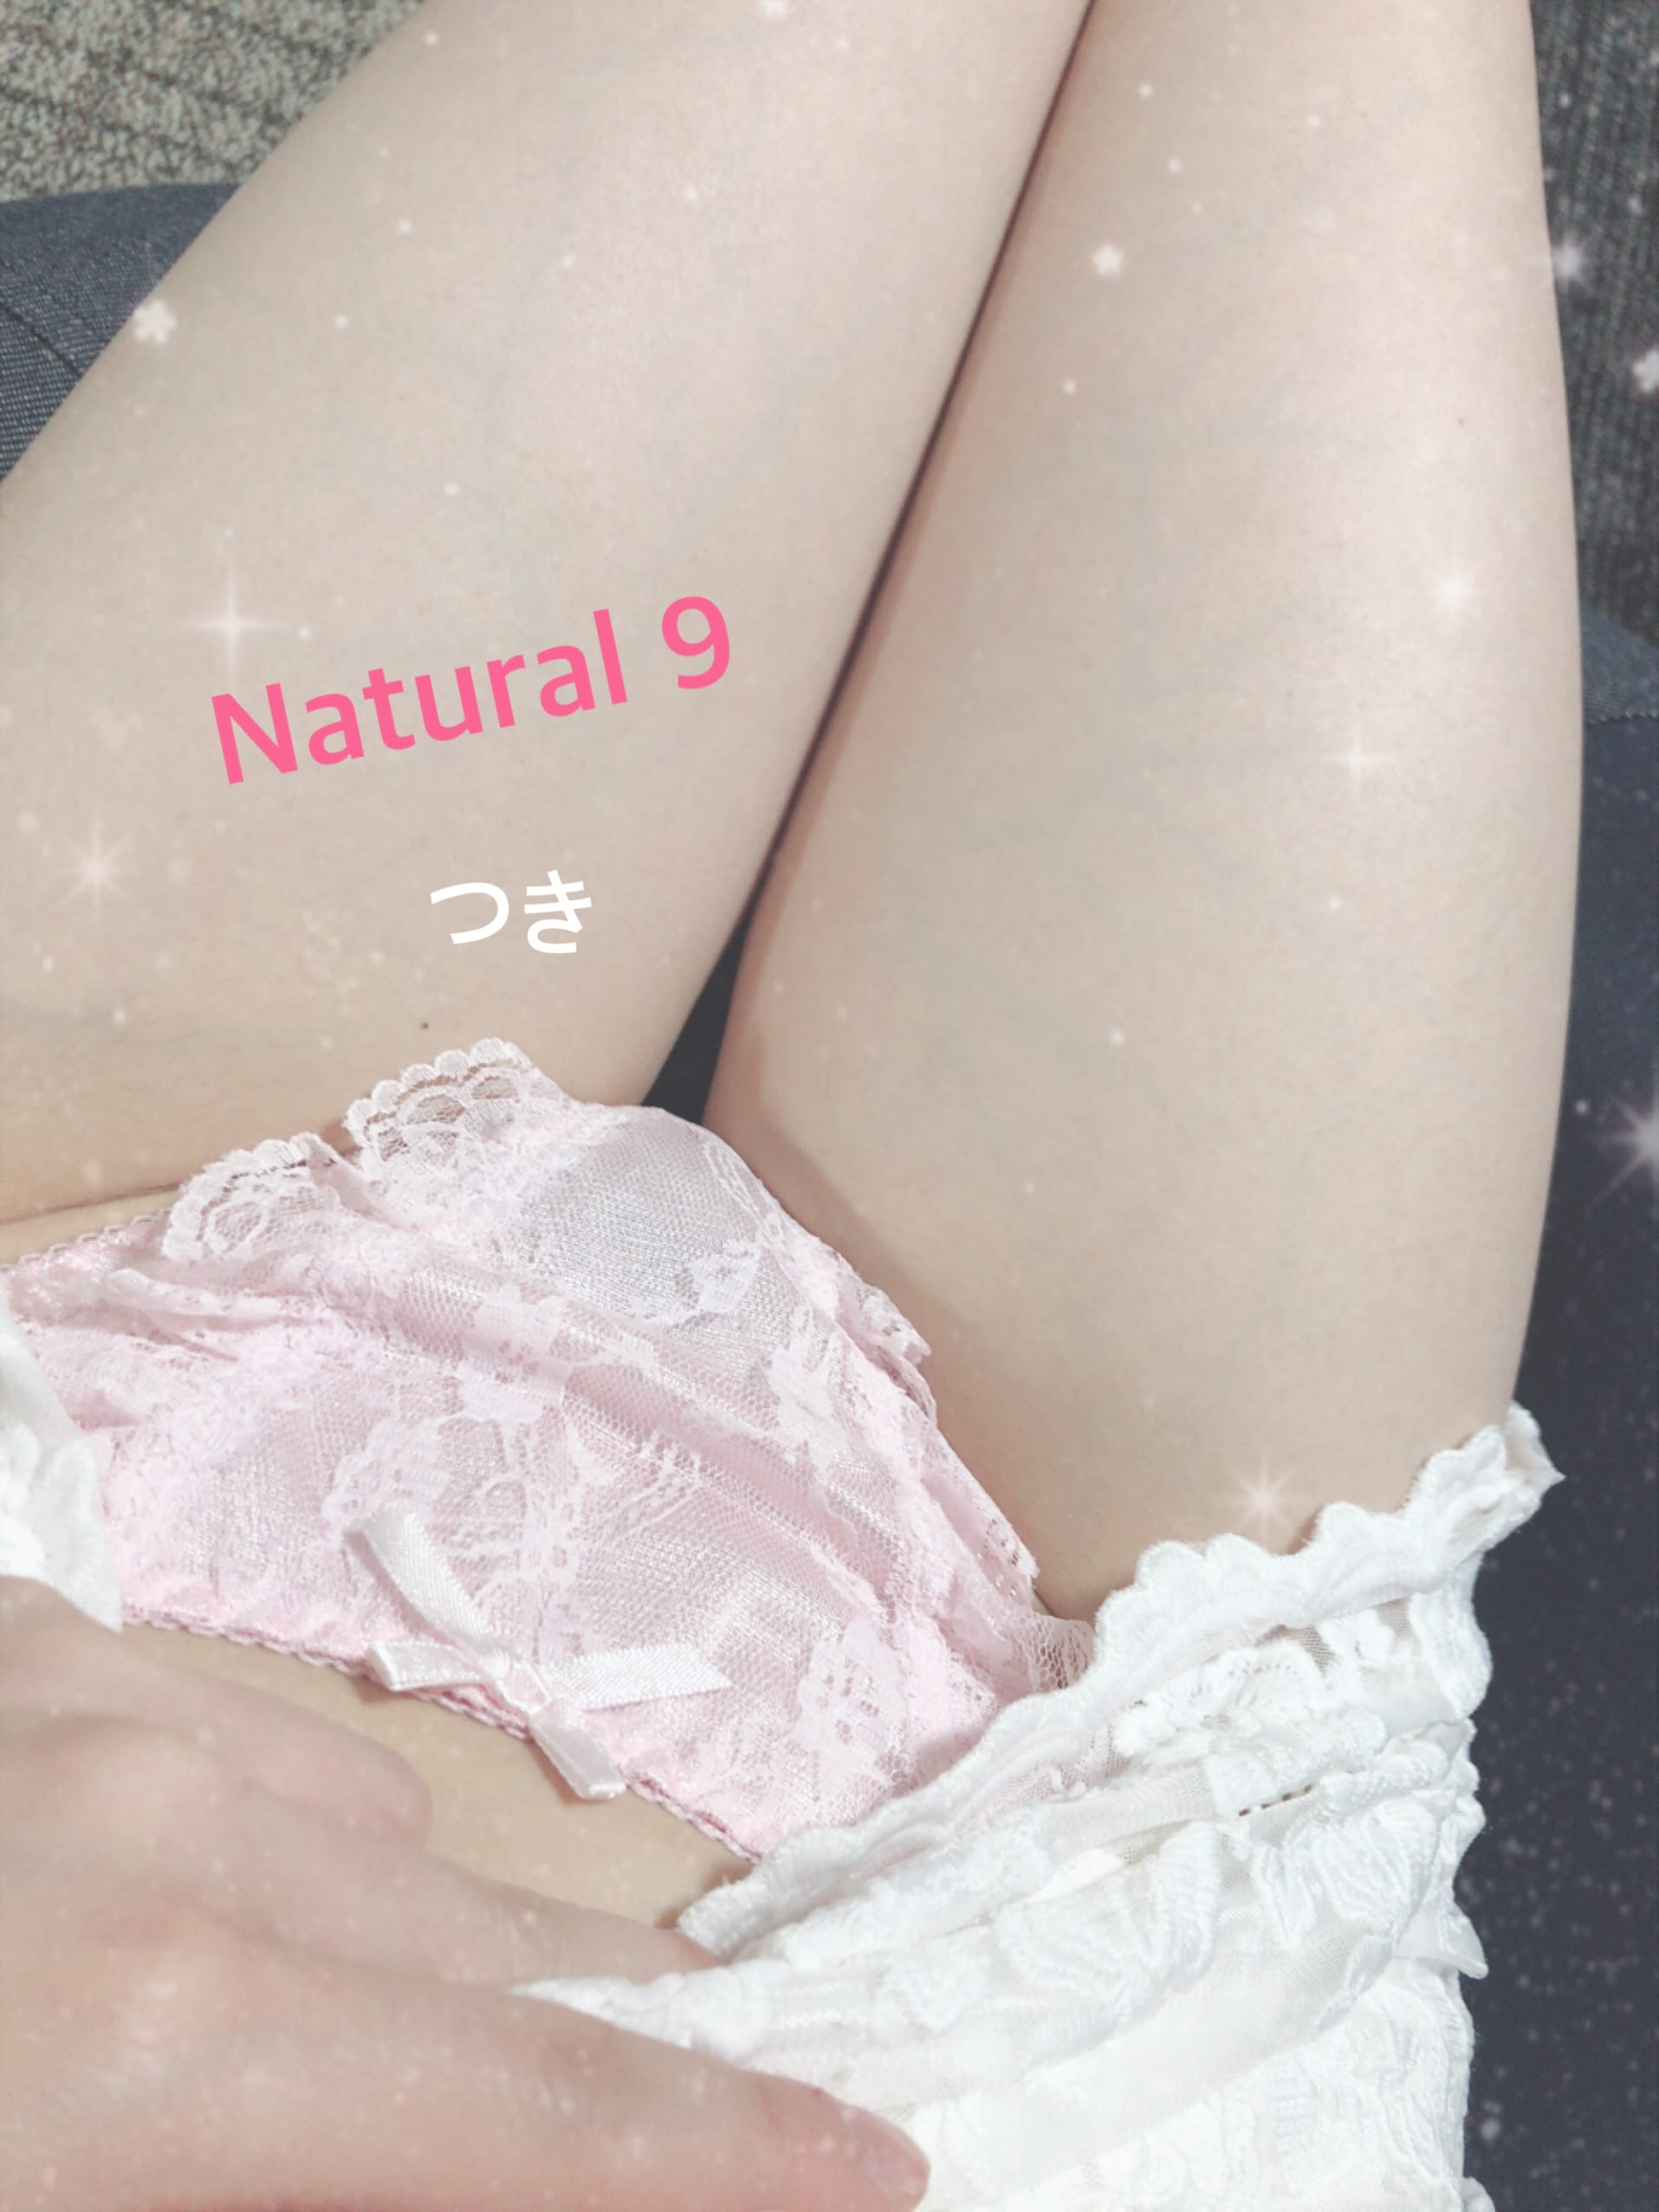 「こんばんわん✩」04/19(04/19) 19:47 | つきの写メ・風俗動画